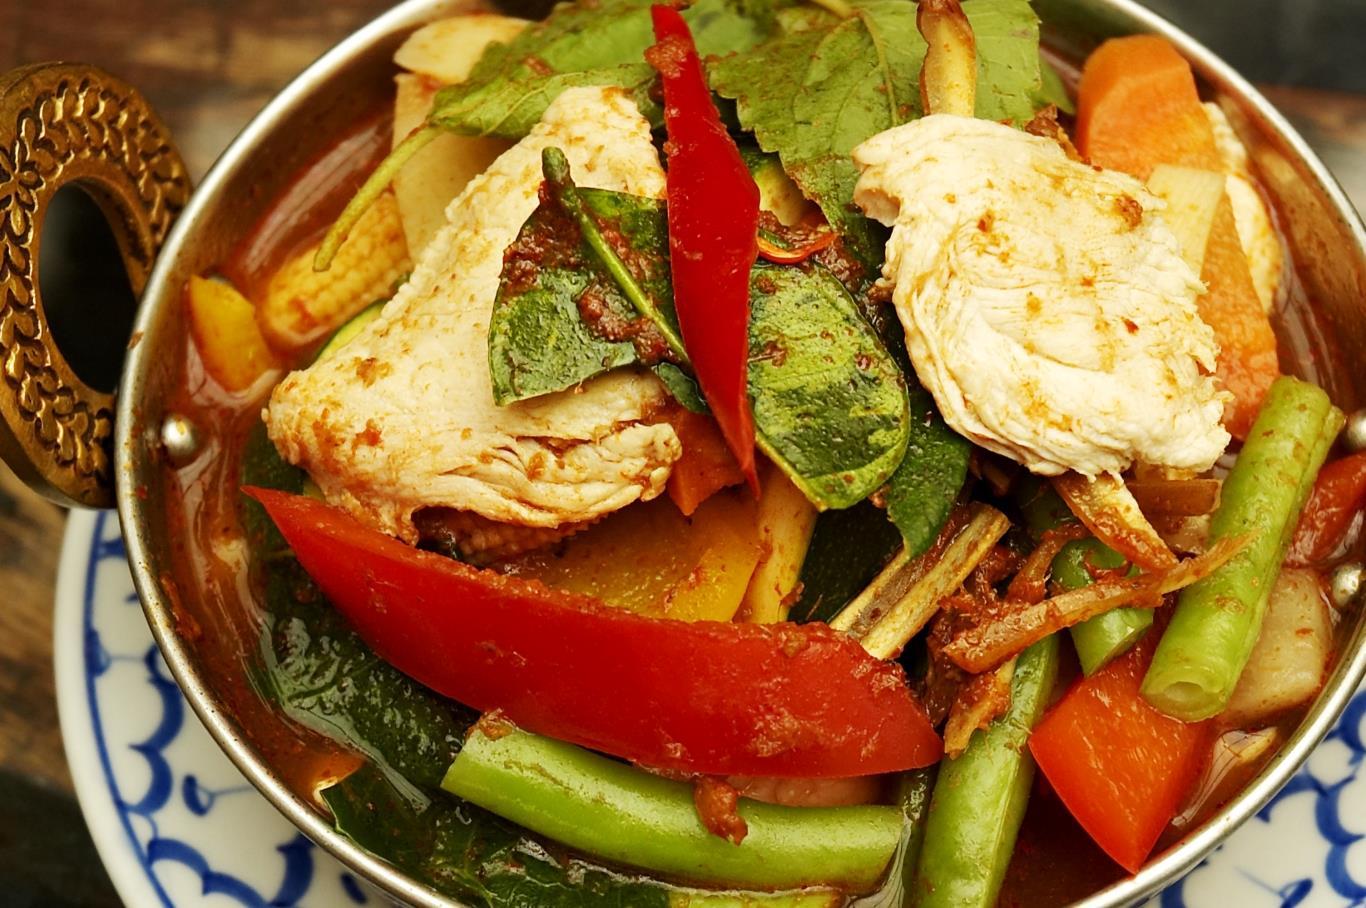 Món cà ri này nổi tiếng tại Thái Lan vì số lượng lớn ớt được sử dụng để chế biến: hơn 60 loại ớt. Chắc chắn, chỉ cần nghe thấy số lượng ớt được sử dụng là du khách đã cảm thấy sức cay nóng từ món ăn.